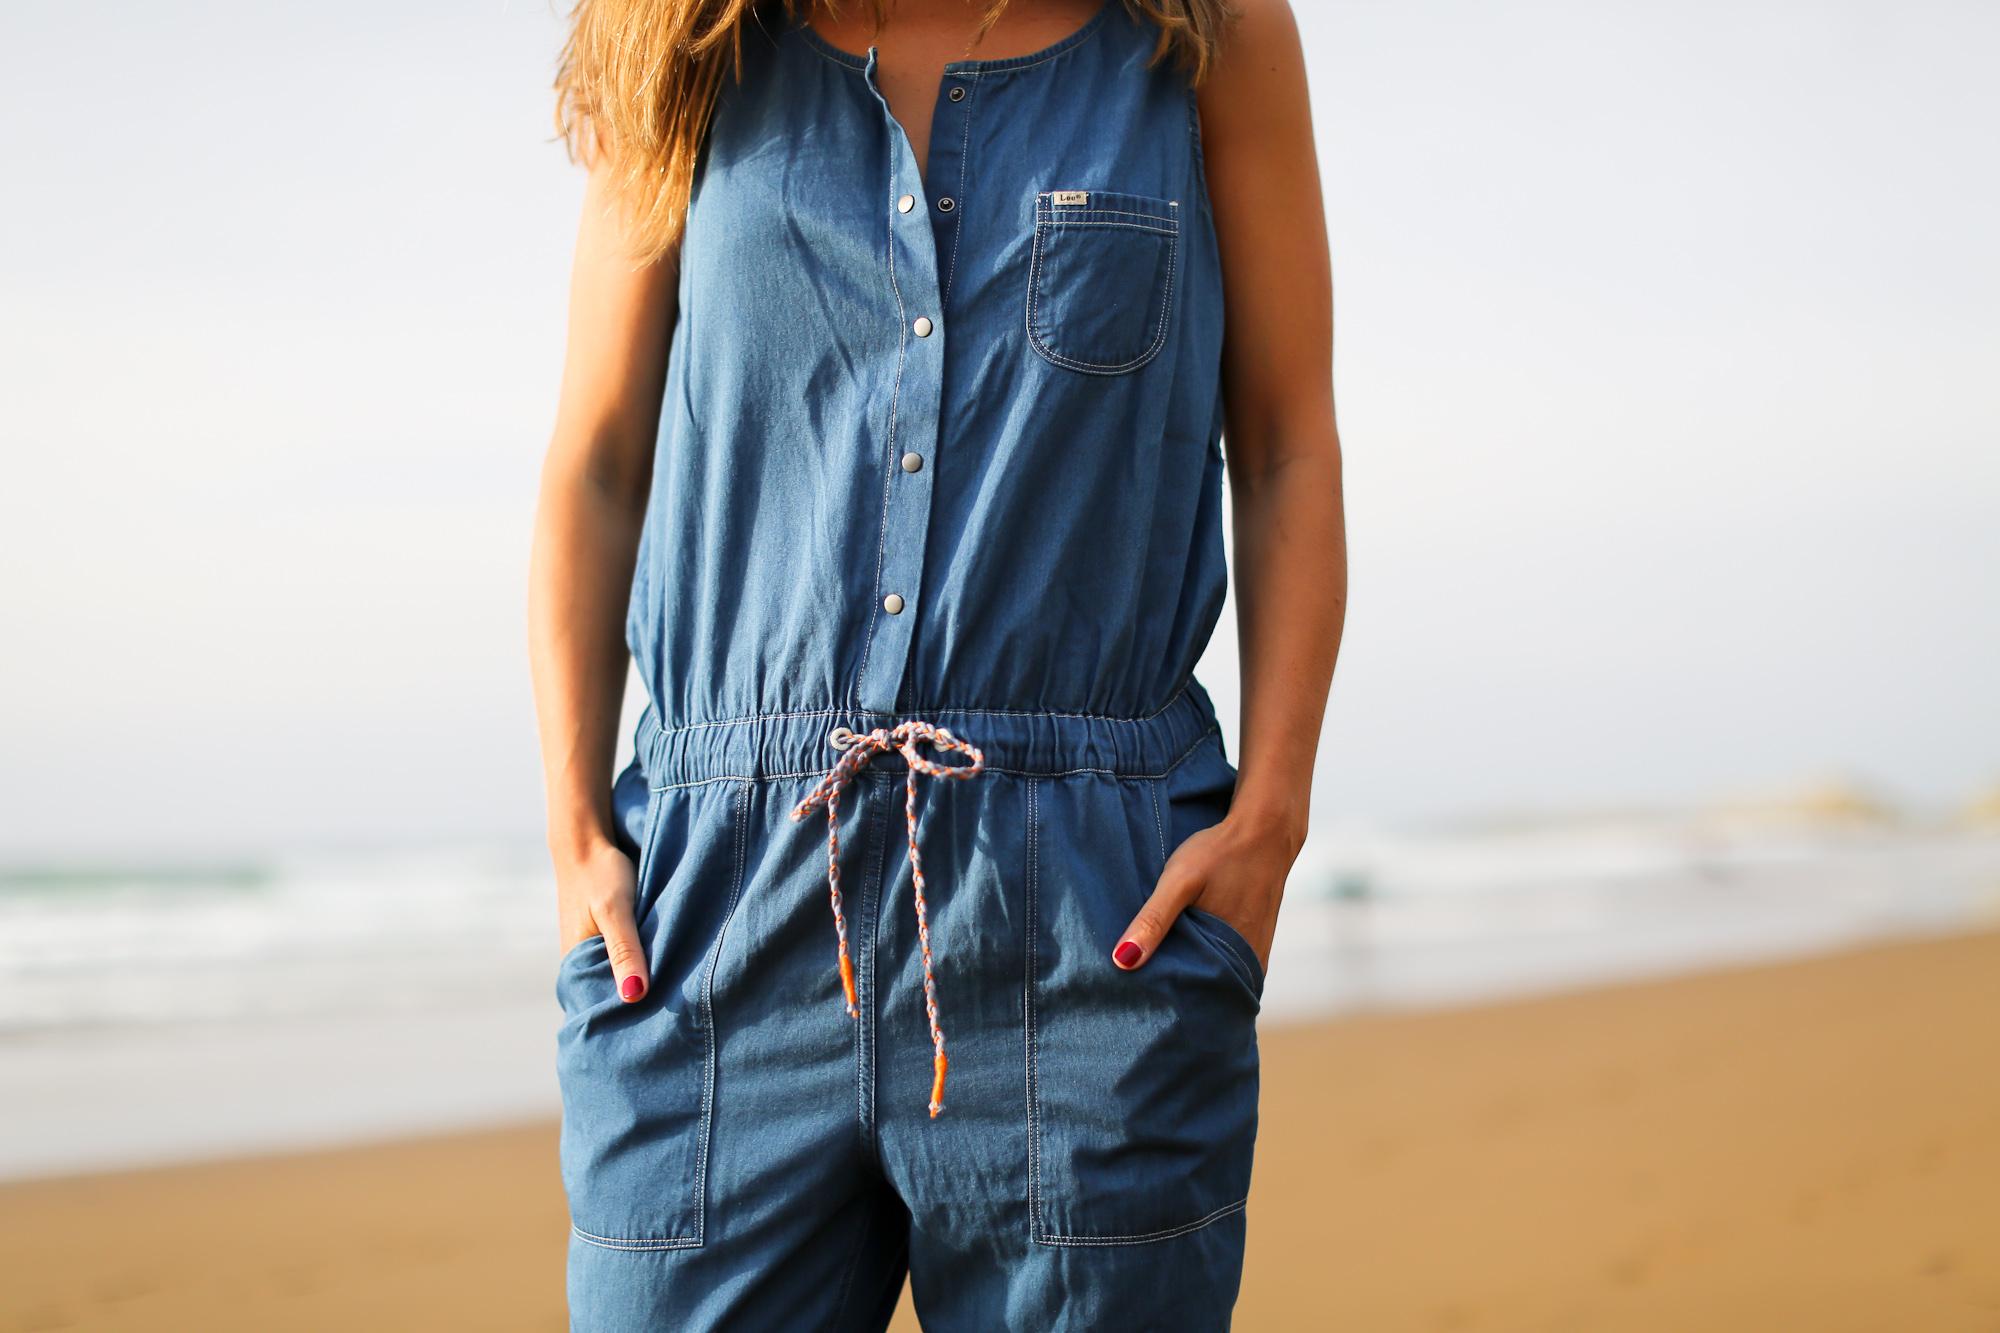 Clochet_lee_jeans_spring_summer_2016-16